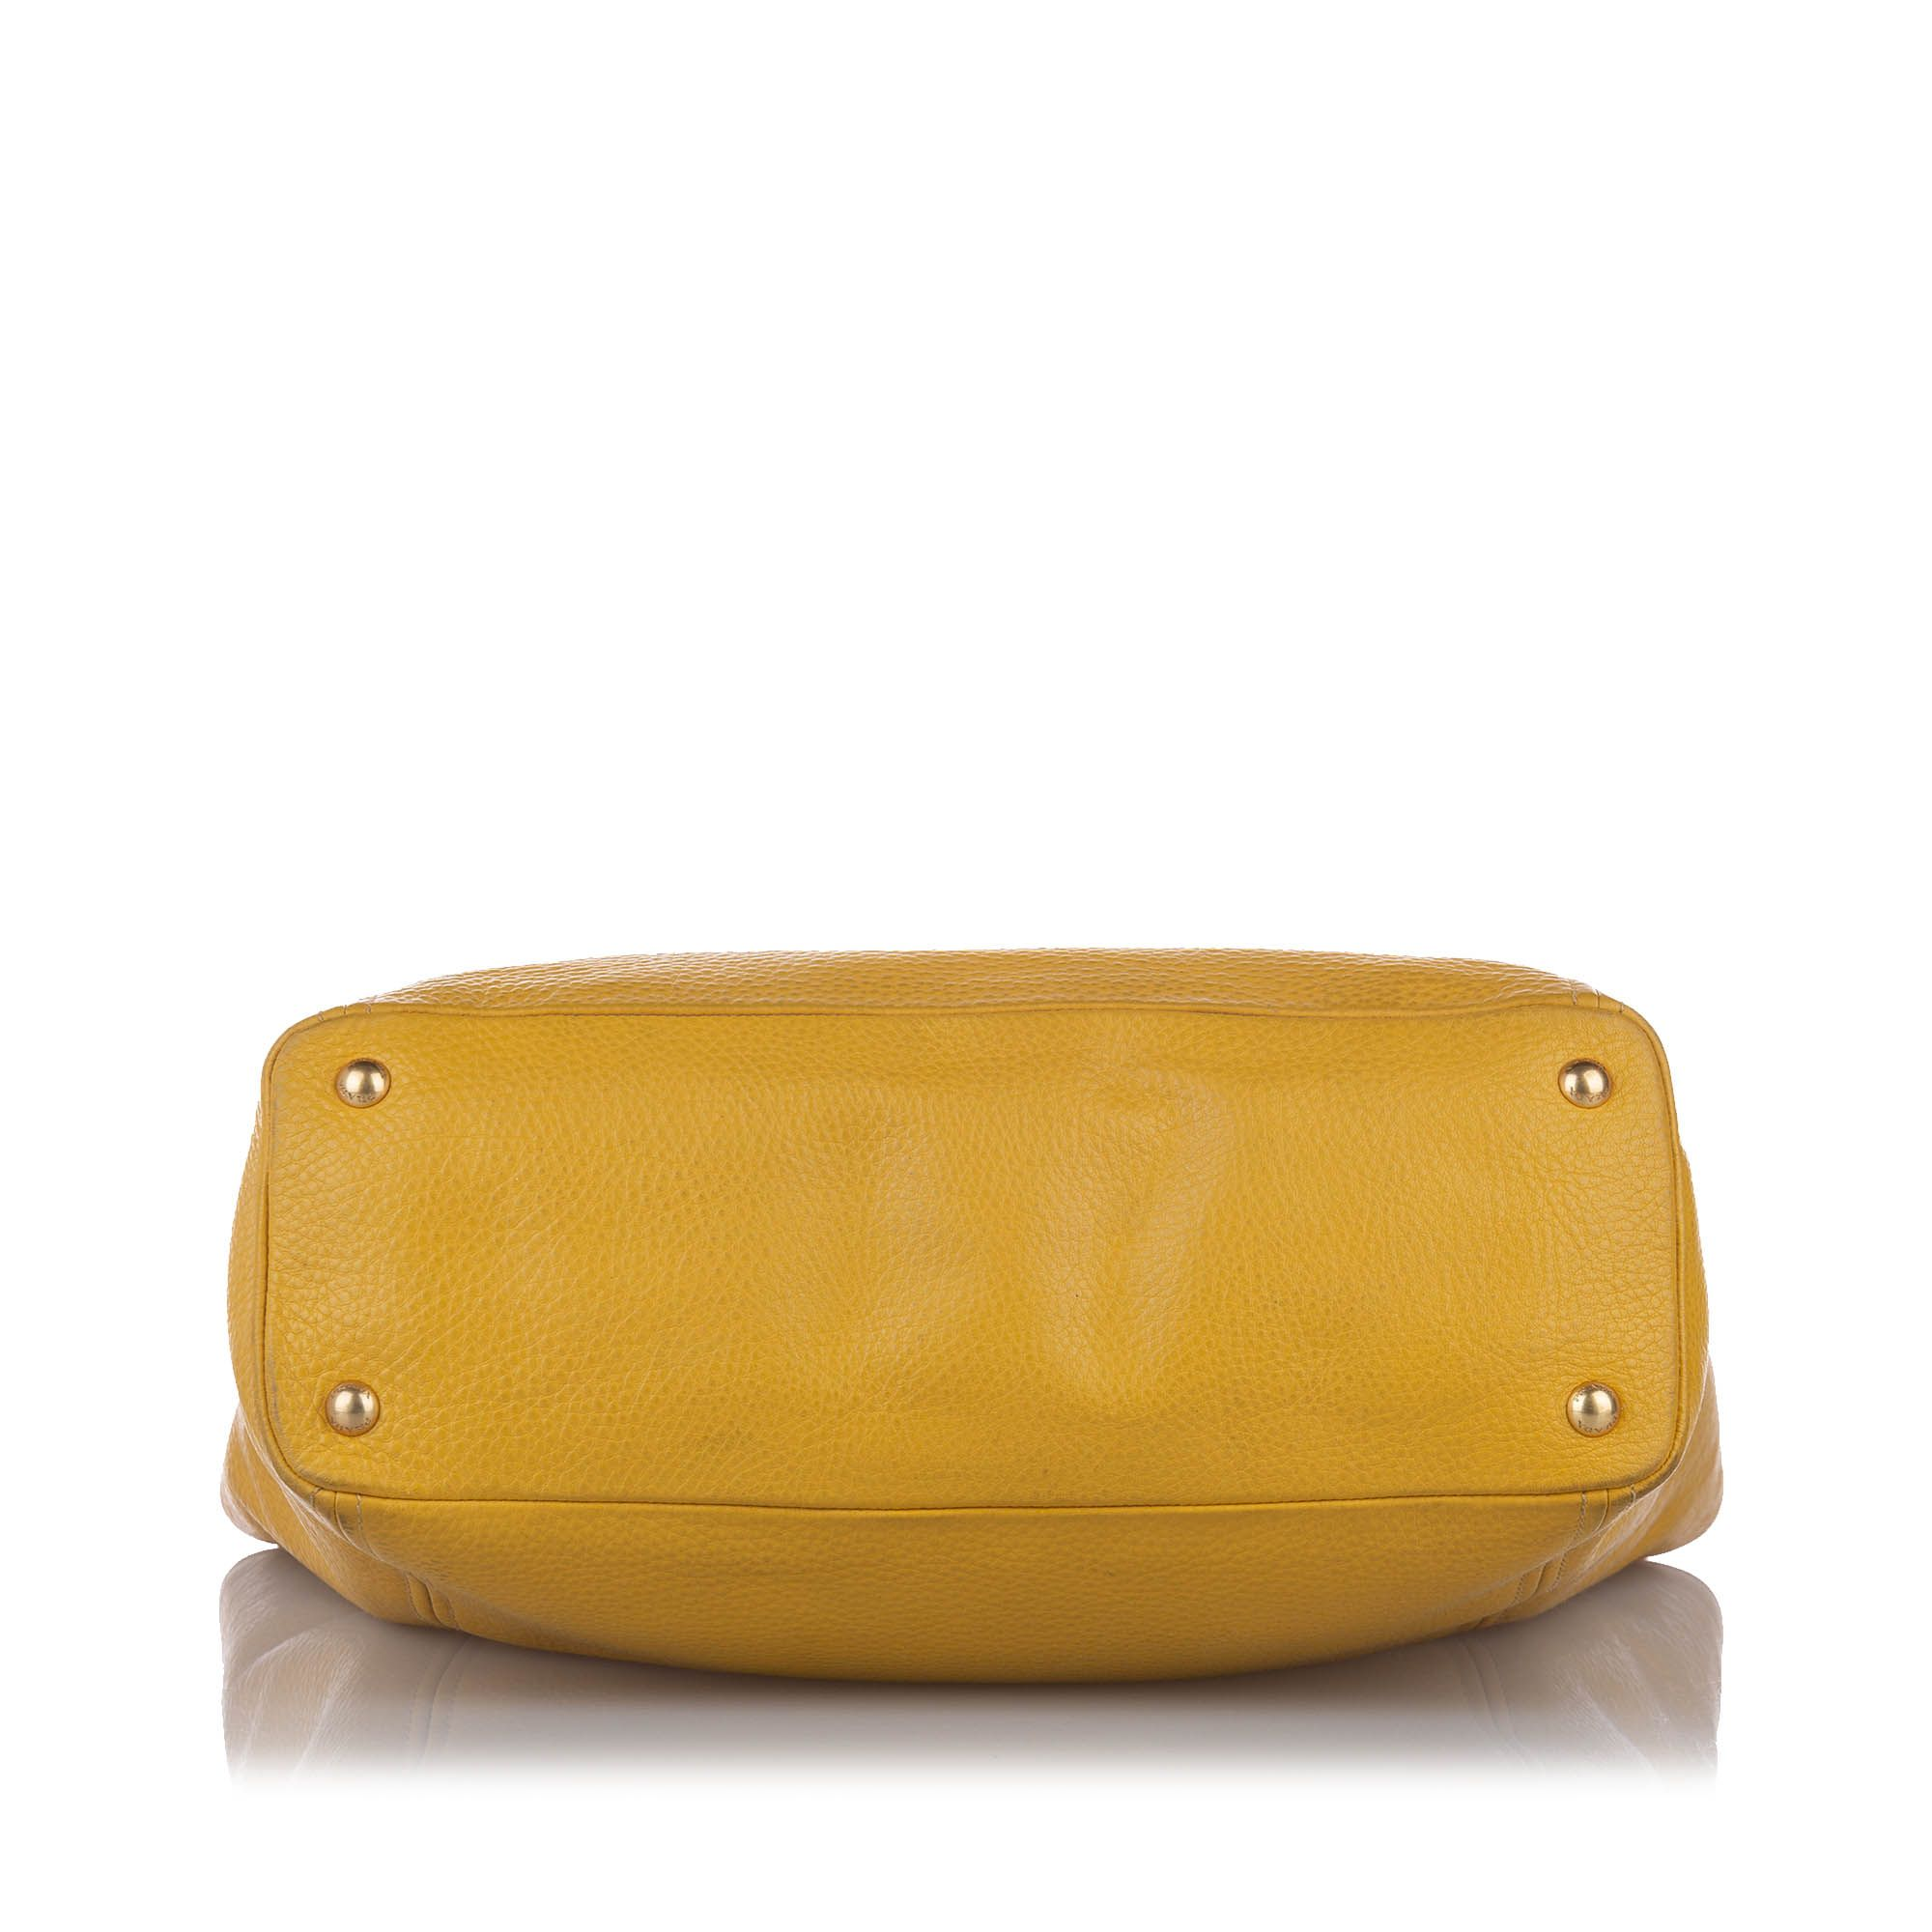 Vintage Prada Vitello Daino Satchel Yellow